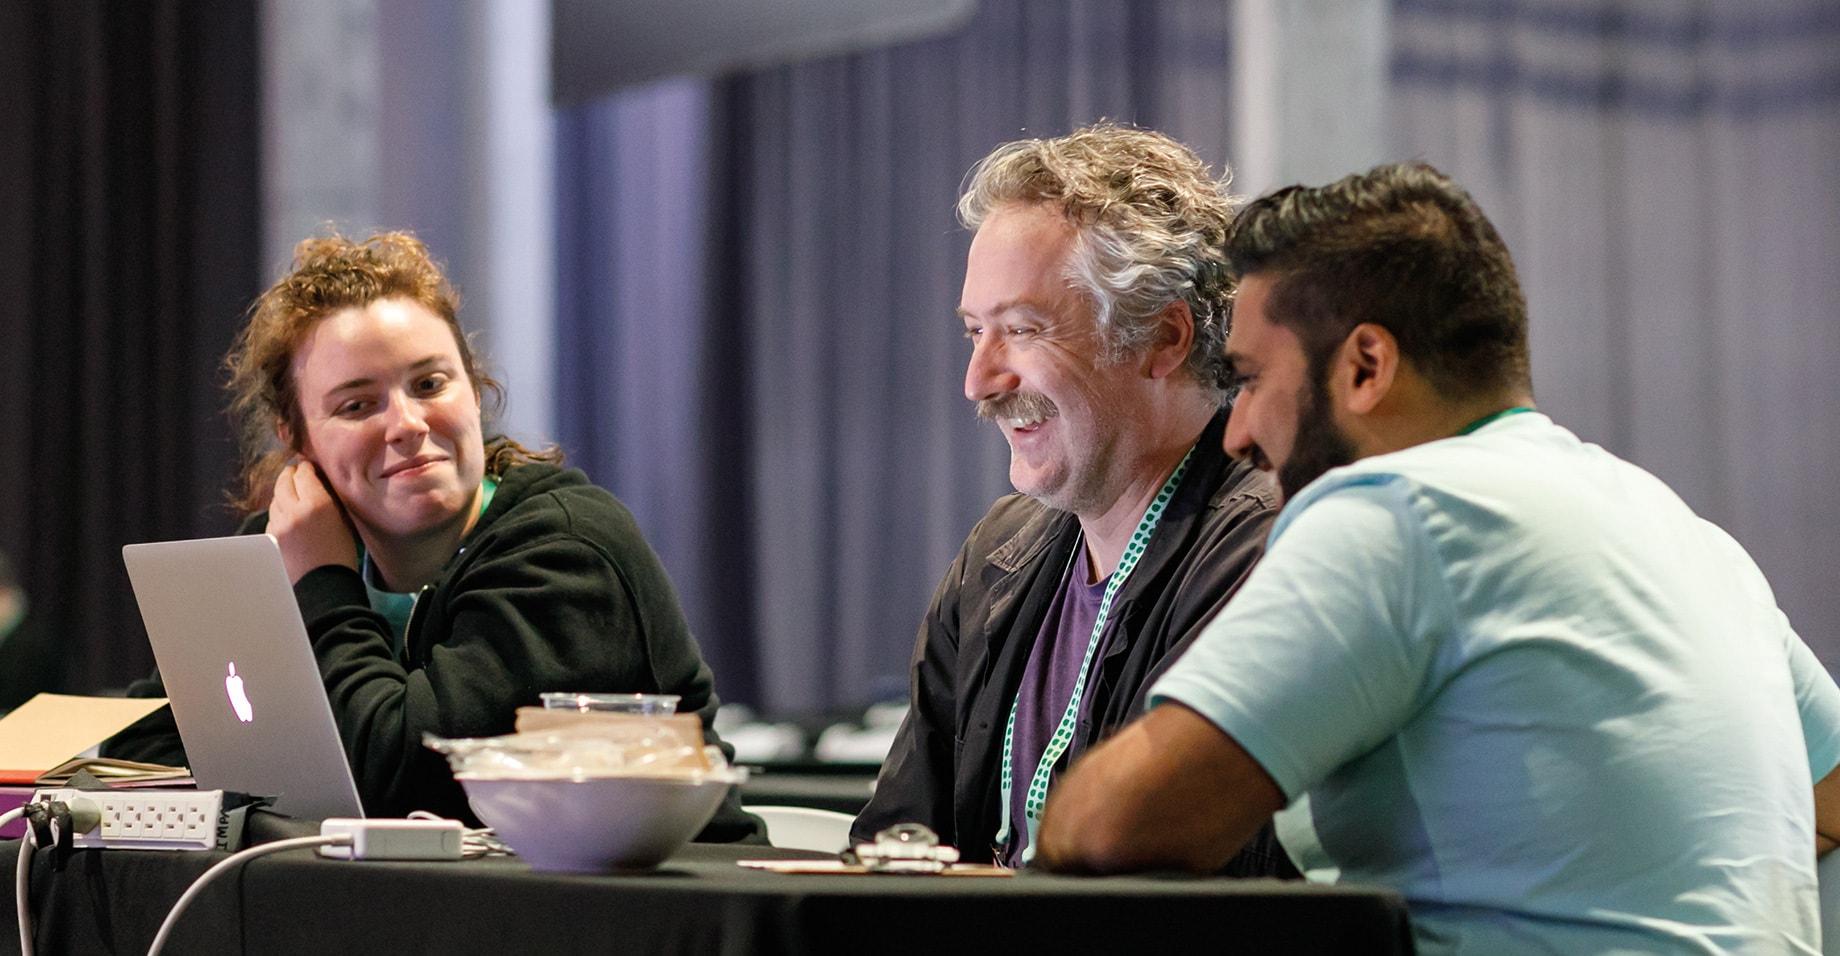 slackathon frontiers 2019 participants working